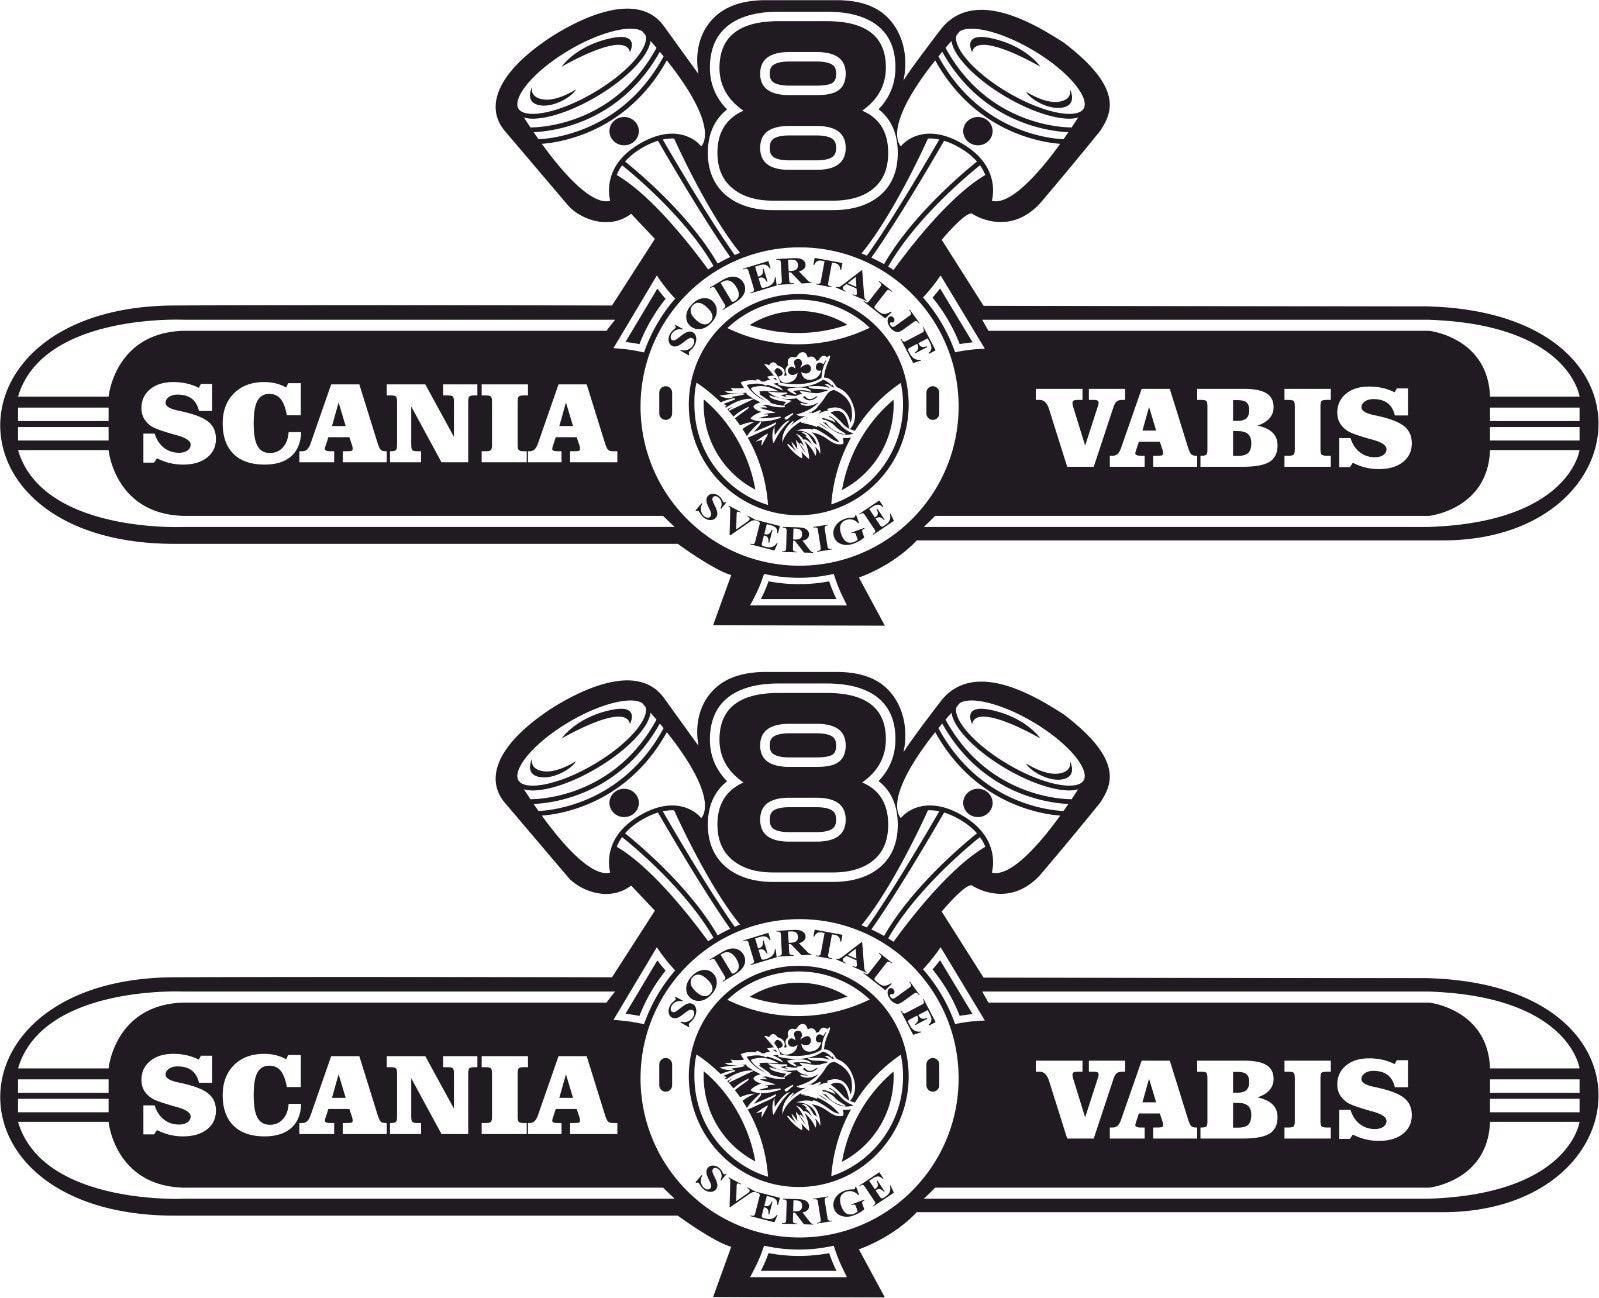 Для x2 Scania V8 Vabis наклейки на большую крышу наклейки любой цвет графика 1000 мм x 400 мм